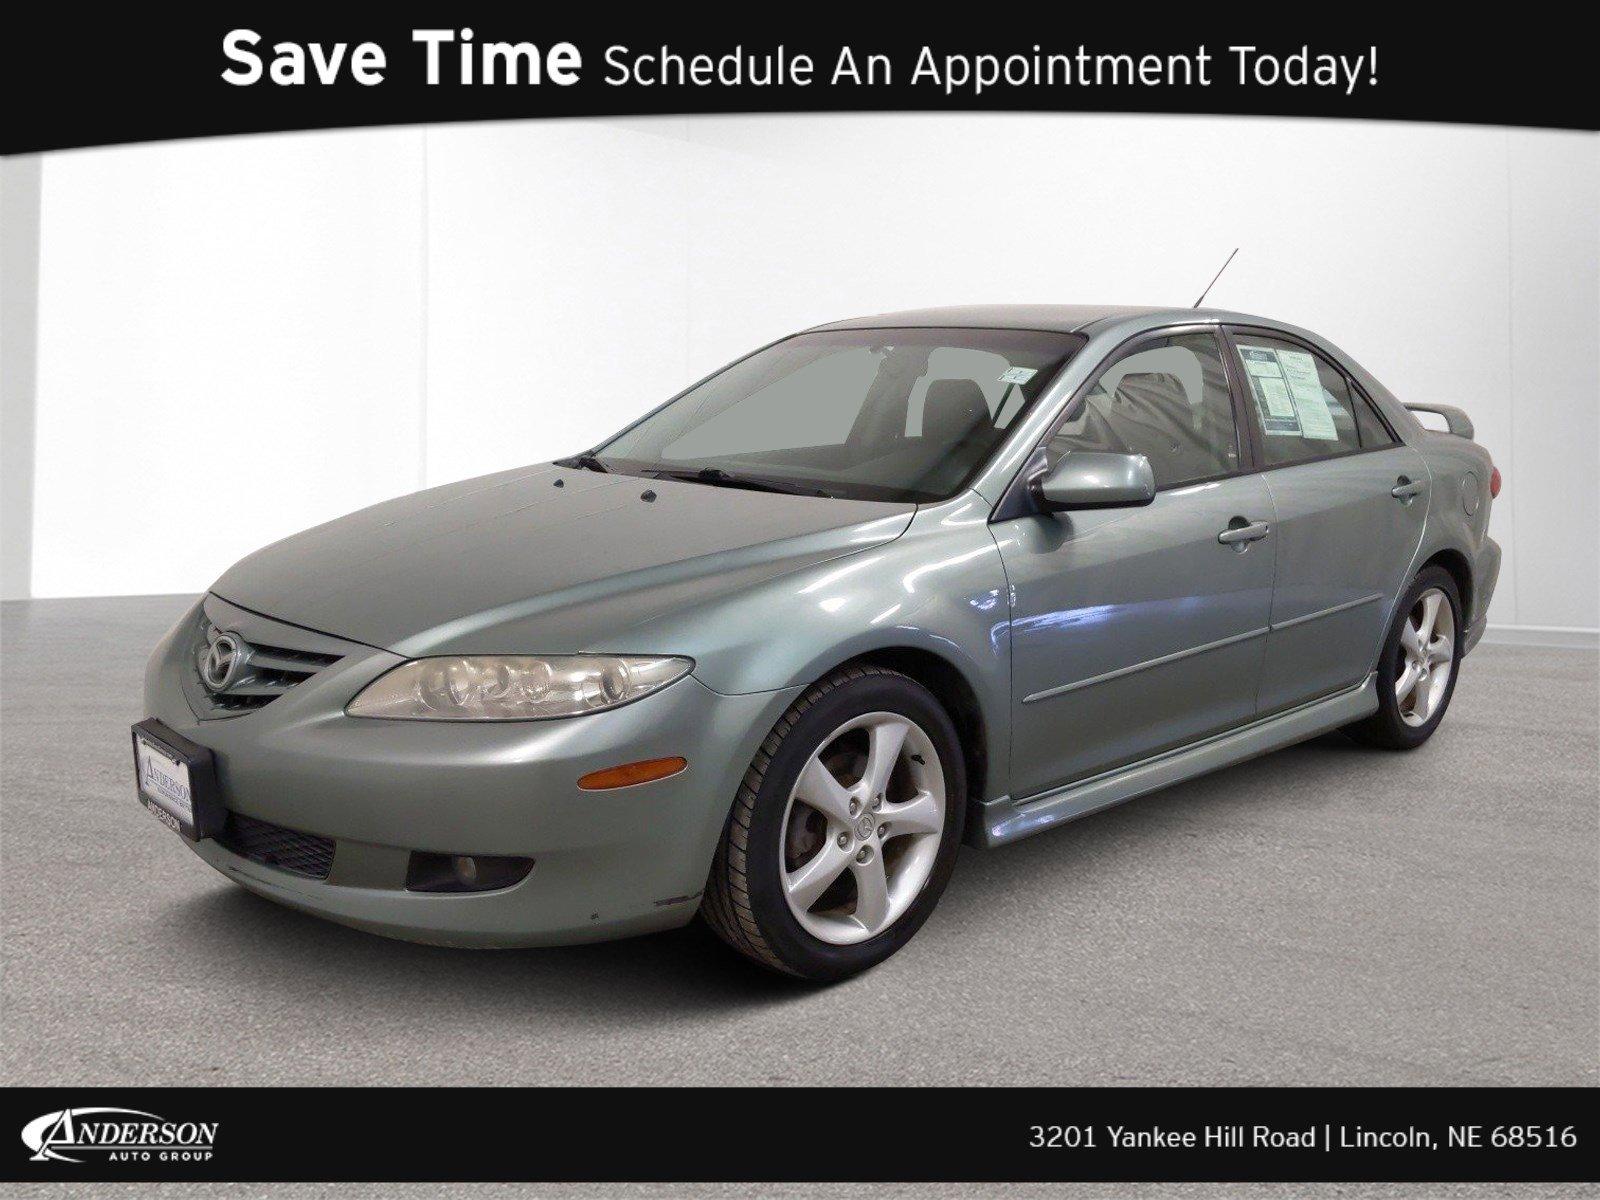 Used 2004 Mazda Mazda6 s 4dr Car for sale in Lincoln NE